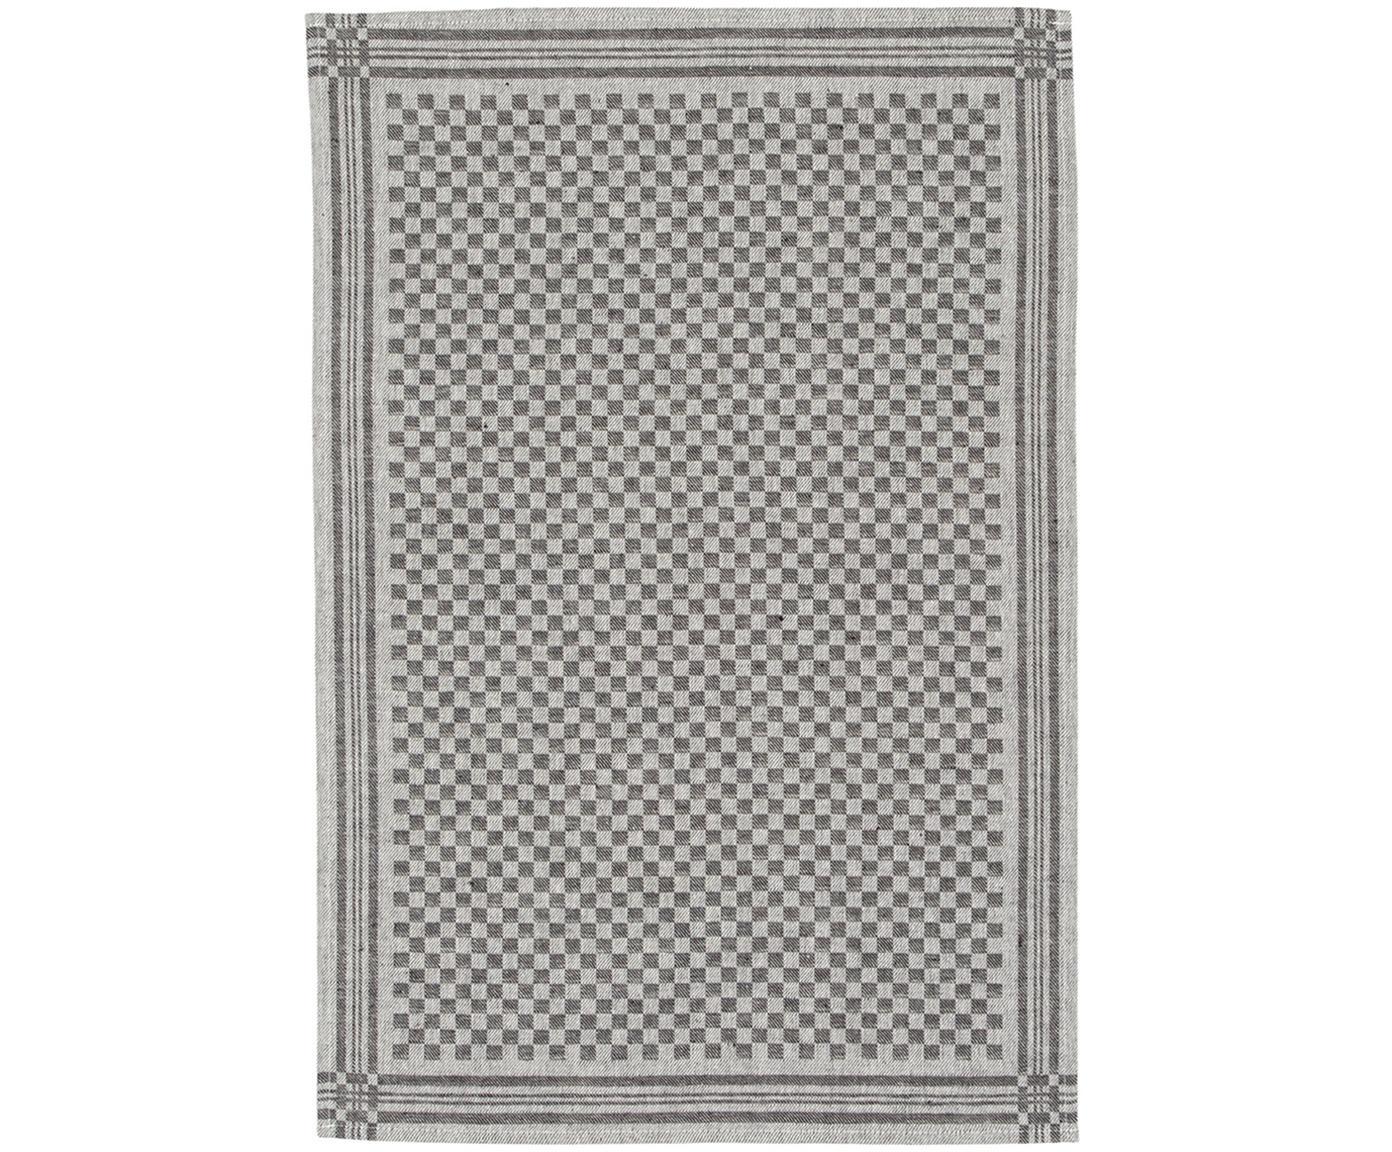 Ręcznik kuchenny Schachbrett, 2szt., Czarny, kremowy, S 50 x D 70 cm